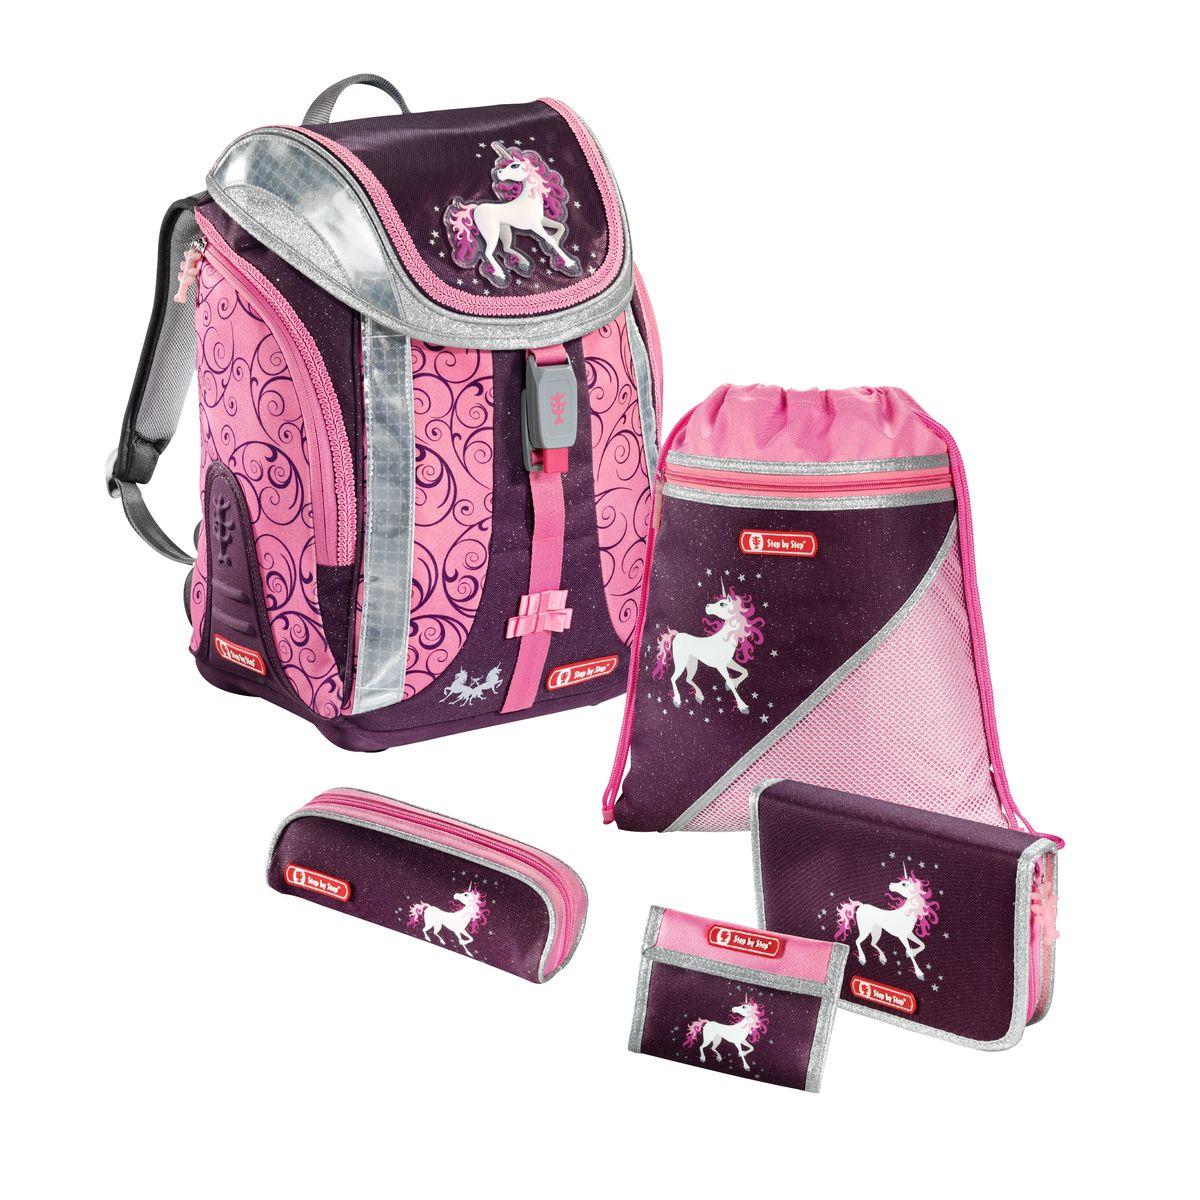 Hama Ранец школьный Step By Step Flexline Unicorn с наполнением119706Ранец Step By Step Flexline Unicorn полиэстер фиолетовый/розовый Наполнение: пенал с наполнением, пенал, кошелек, мешок для сменки